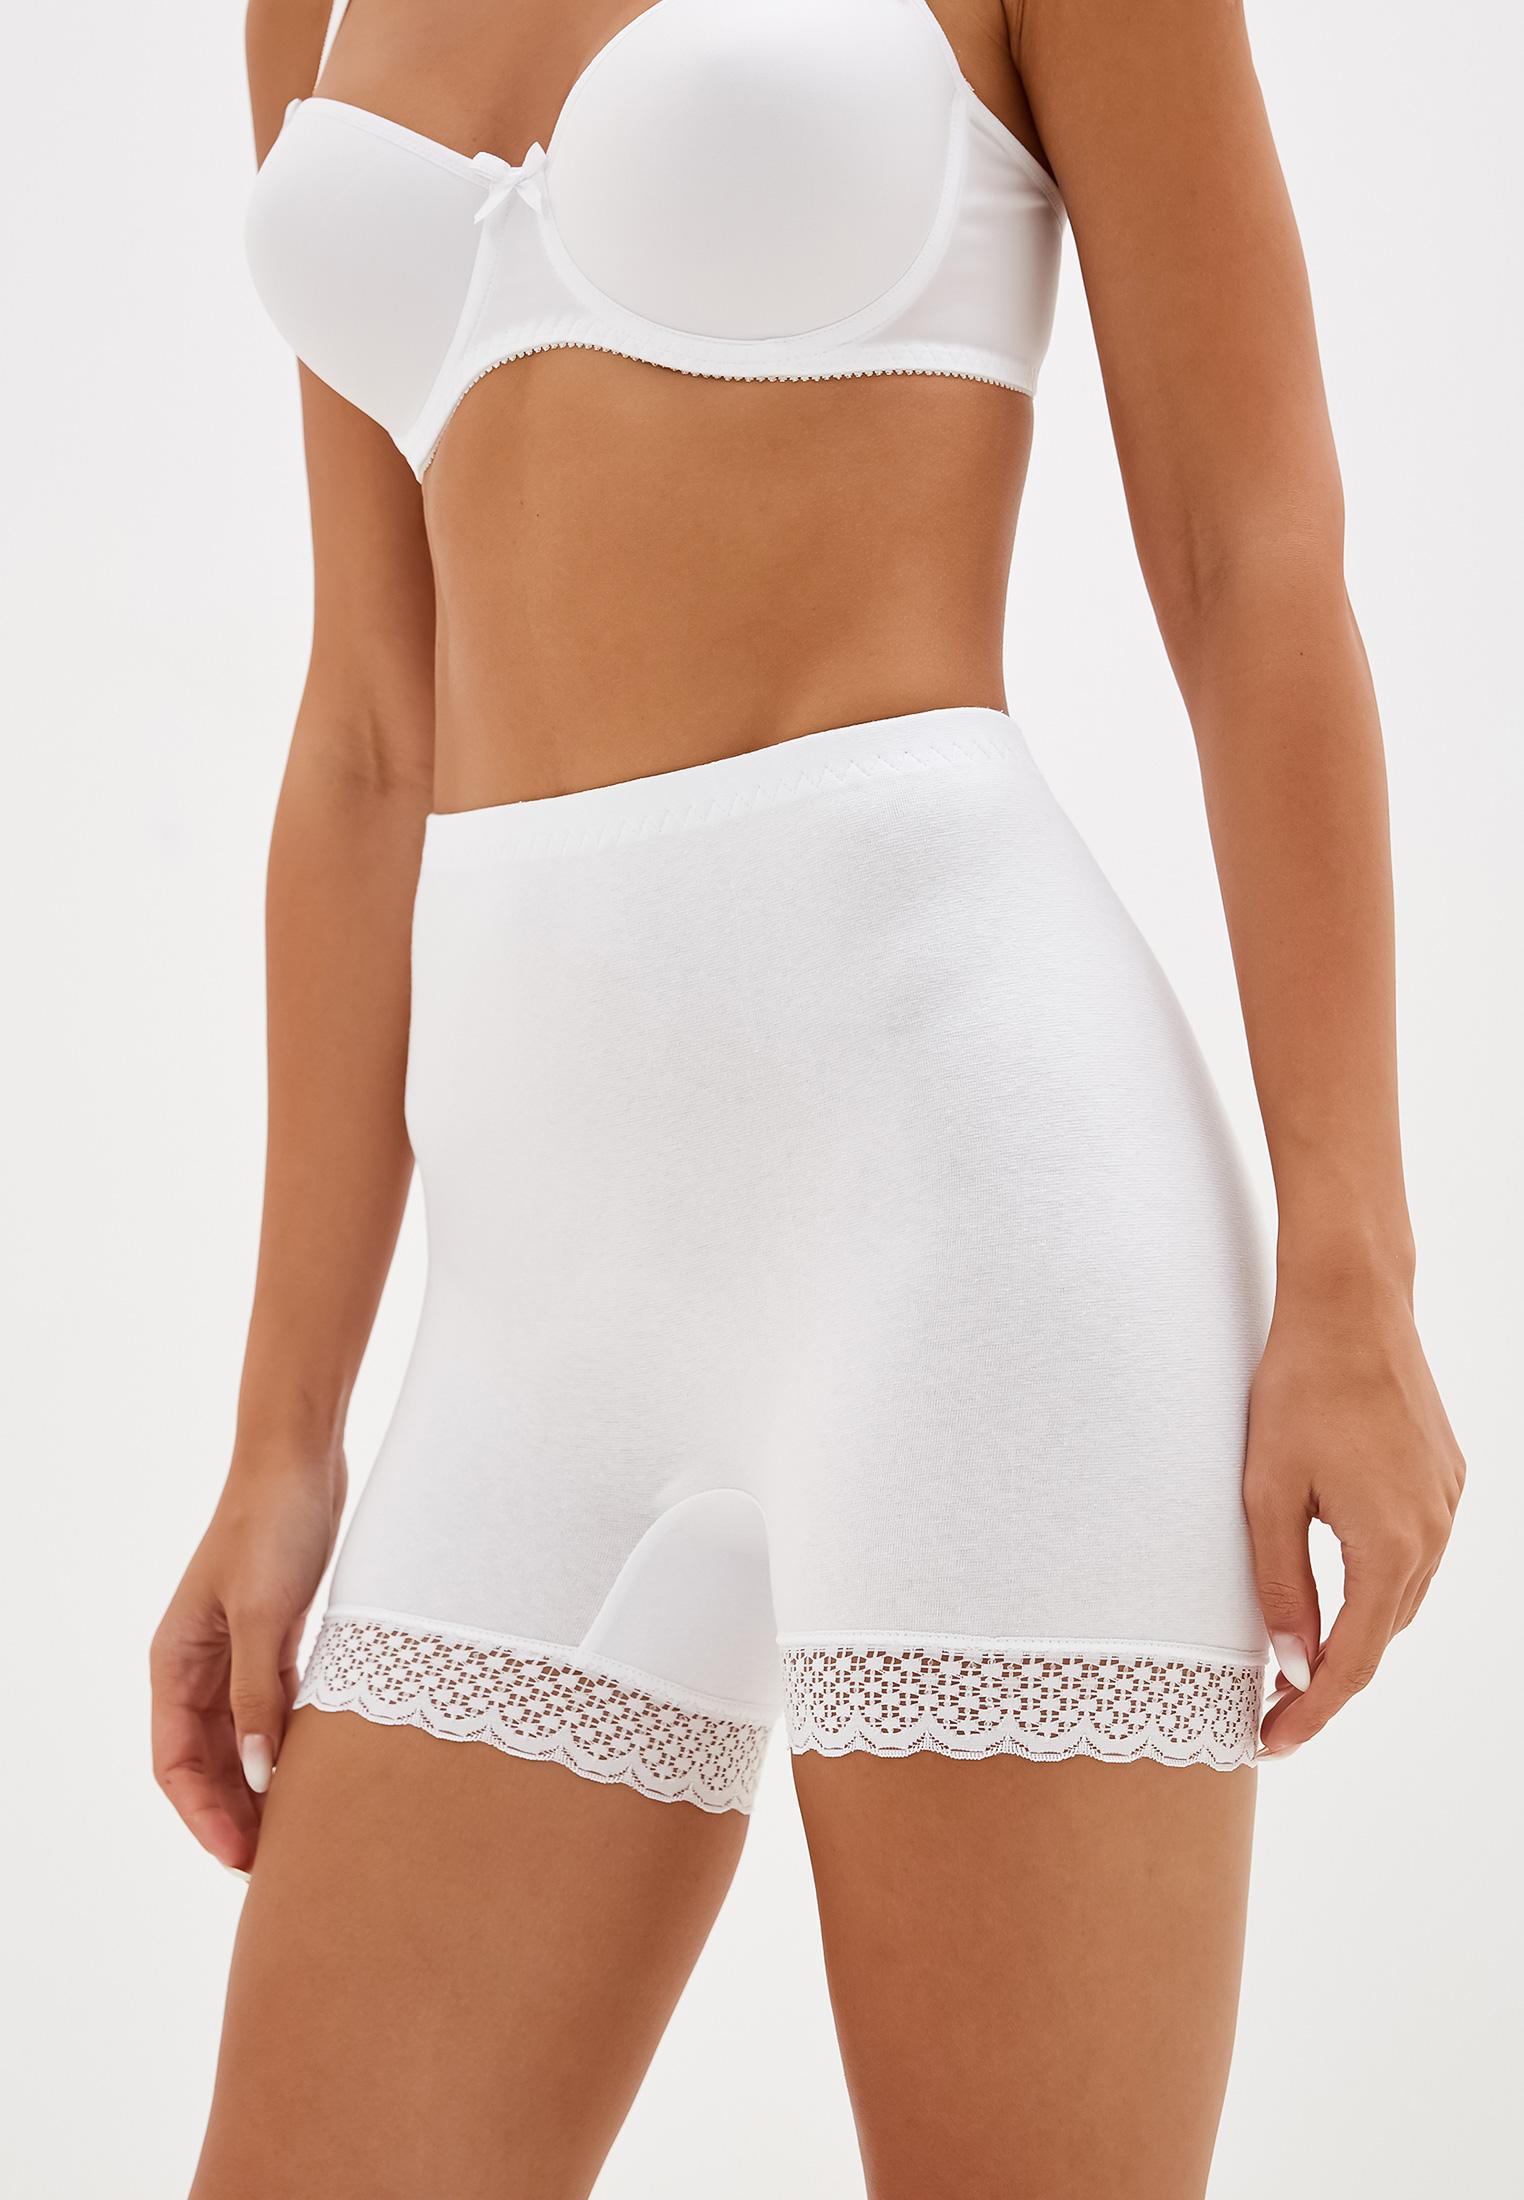 Панталоны женские НОВОЕ ВРЕМЯ T013 белые 52 RU